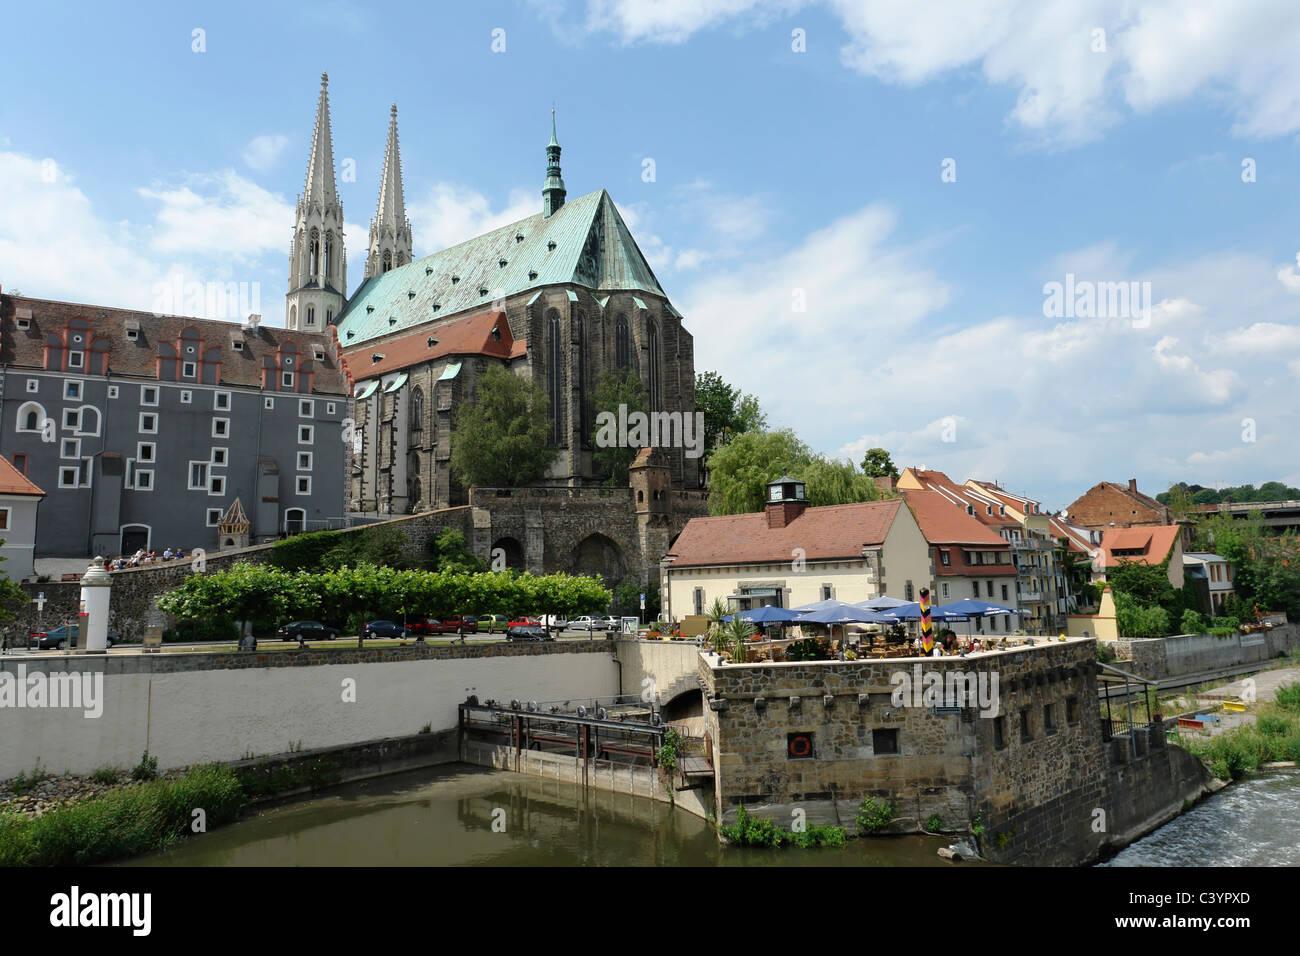 Deutschland, Europa, Sachsen, Görlitzer, Pfarrkirche, St. Peter und Paul, 1497, willow House, Vierradenmuhle, Stockbild